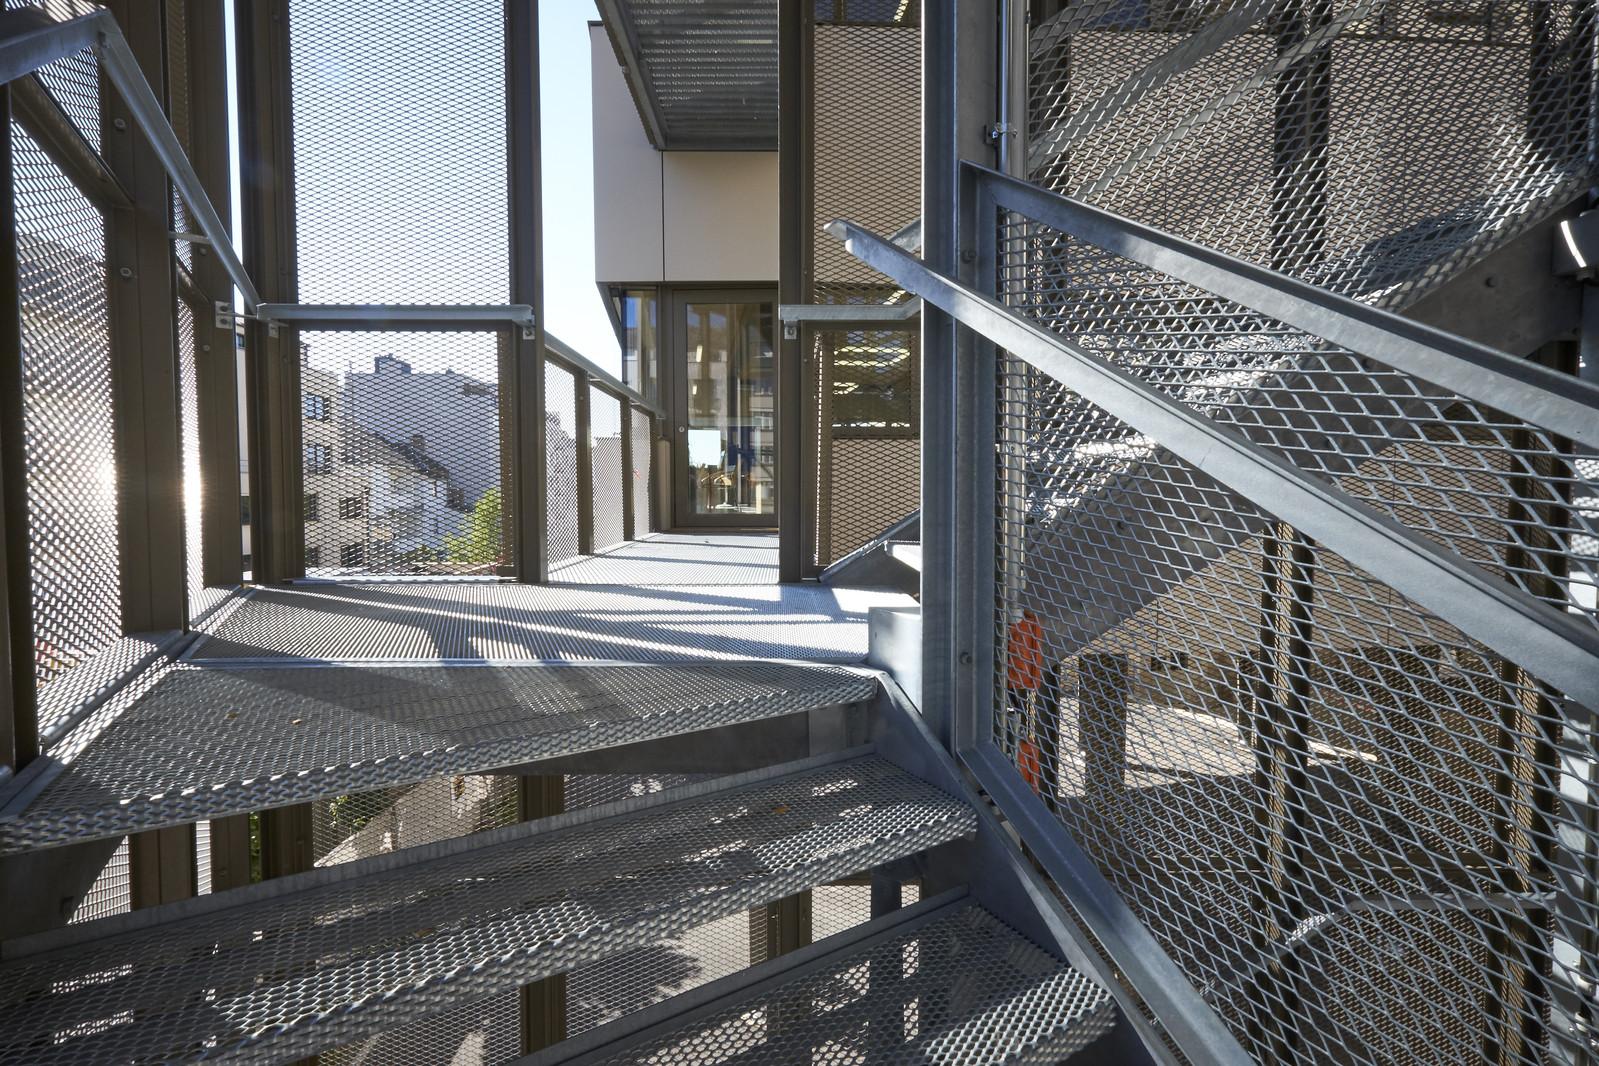 Escalier En Caillebotis Métallique dedans solutions techniques - sols et marches métalliques